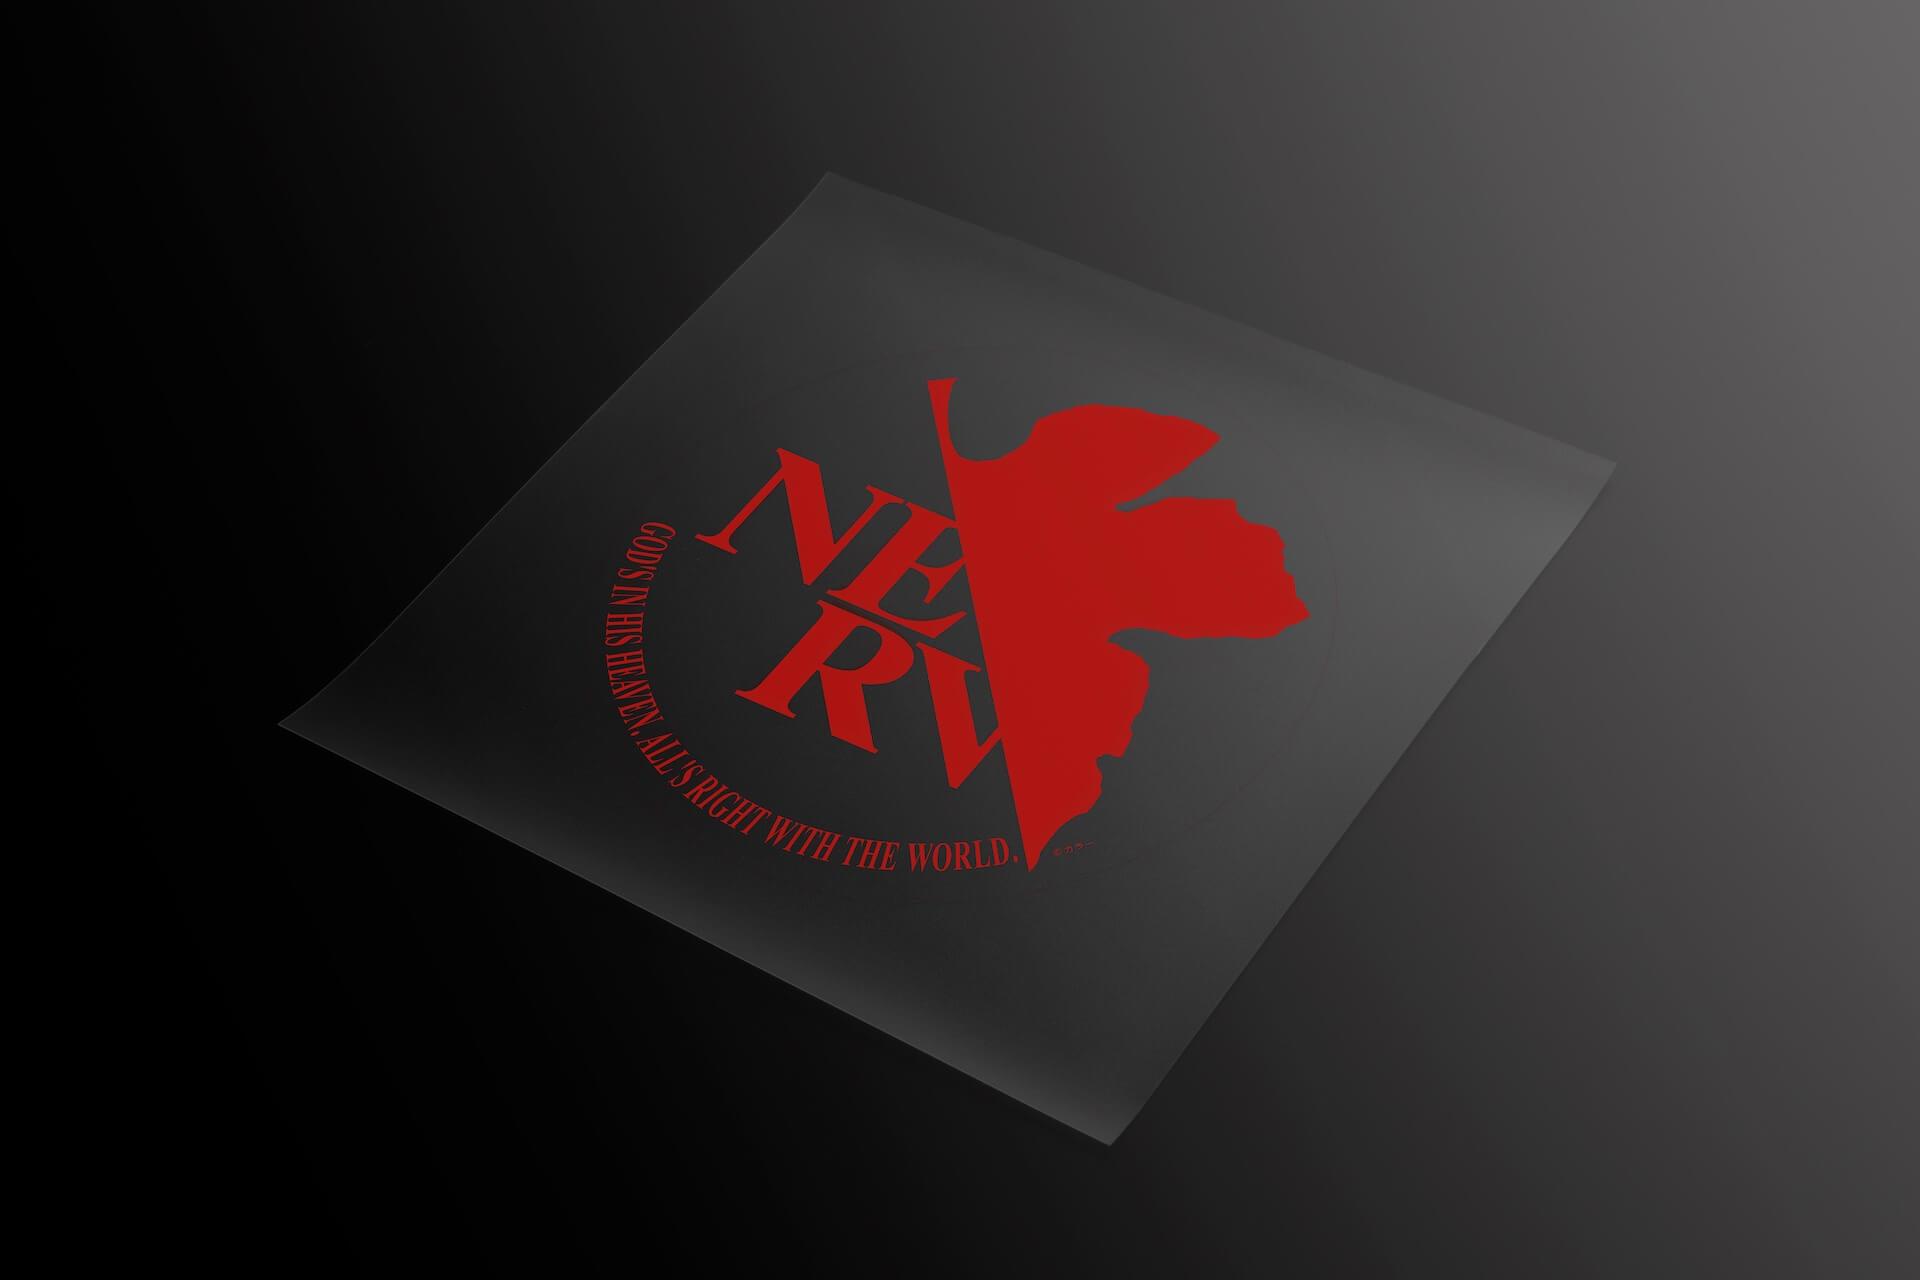 『シン・エヴァンゲリオン劇場版』アスカがエレキギターに!フェンダー特製TELECASTER(R)が年内数量限定生産で登場 ac200427_eva_telecaster_09